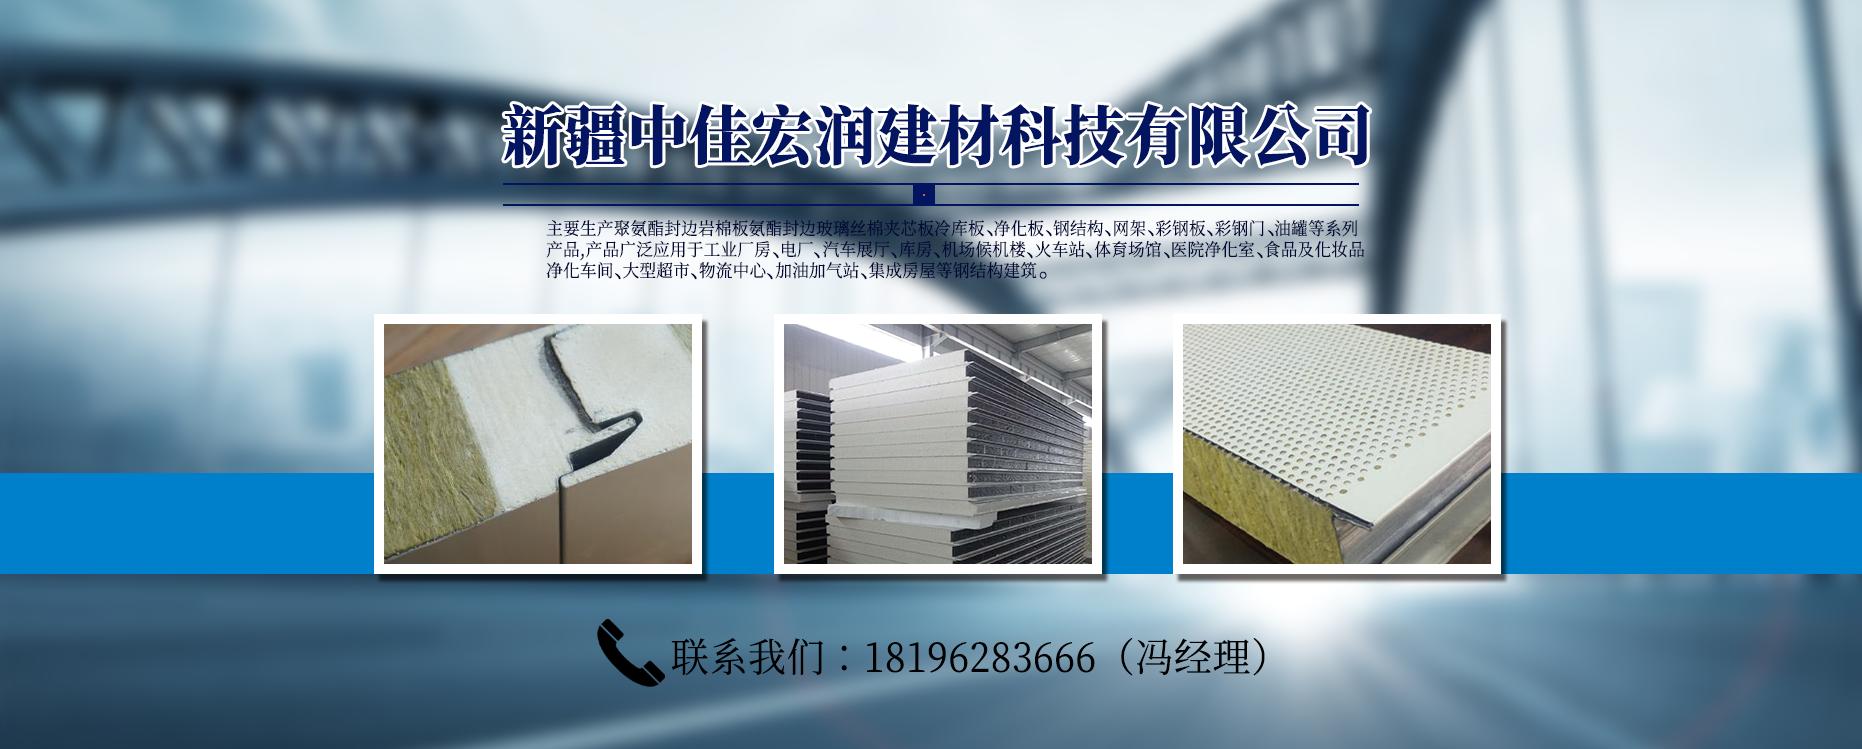 新疆聚氨酯冷库板,新疆聚氨酯封边板,新疆彩钢吸音板